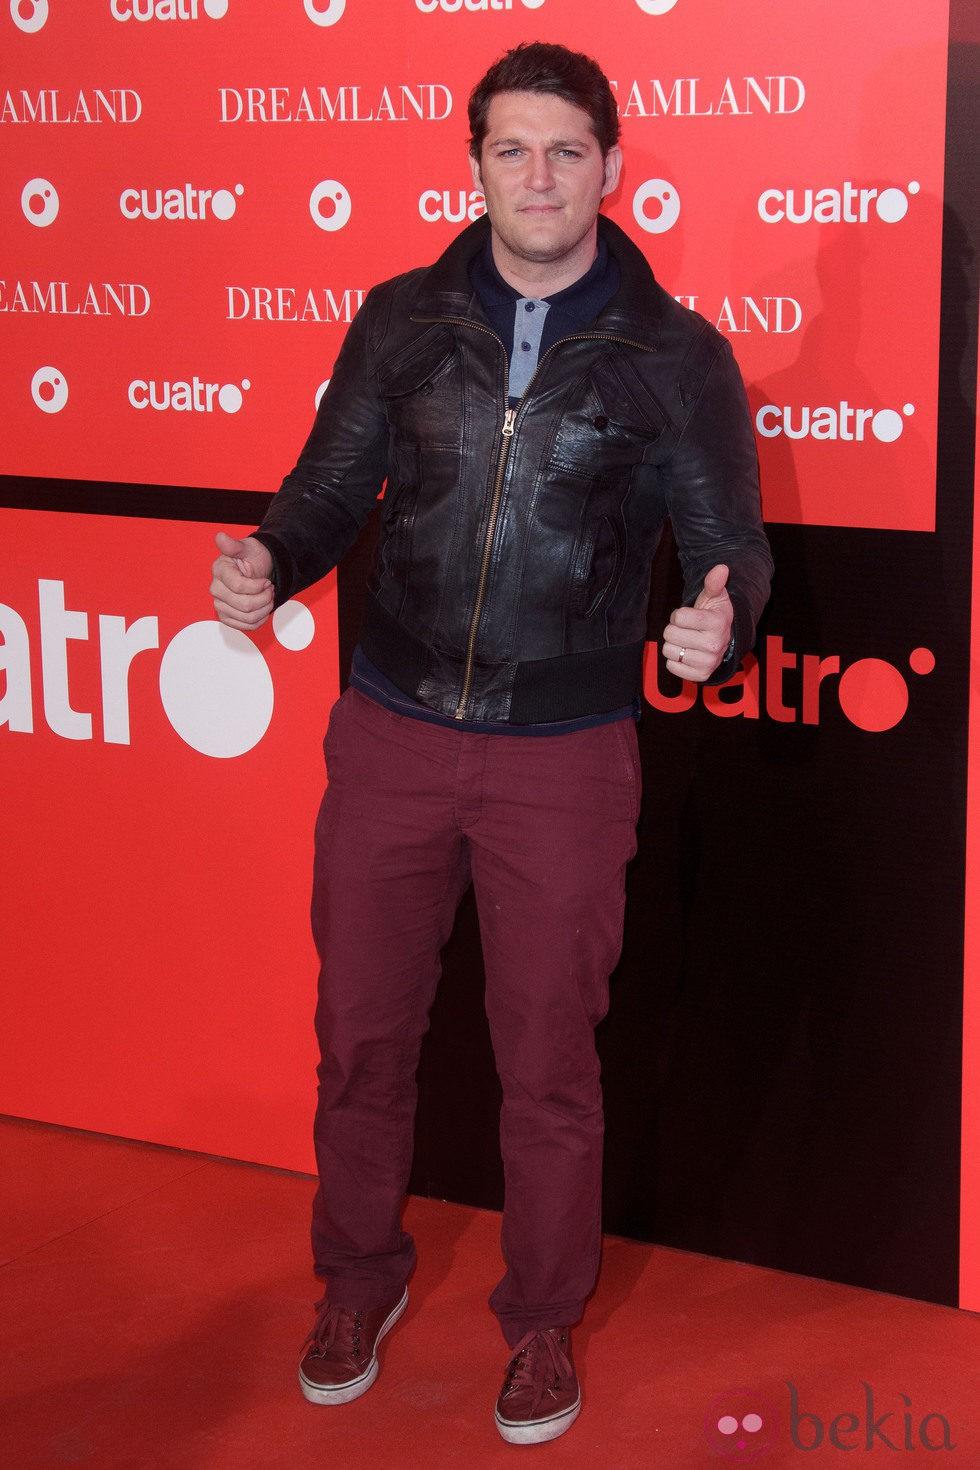 Manu Tenorio en la fiesta de presentación de 'Dreamland' en Madrid